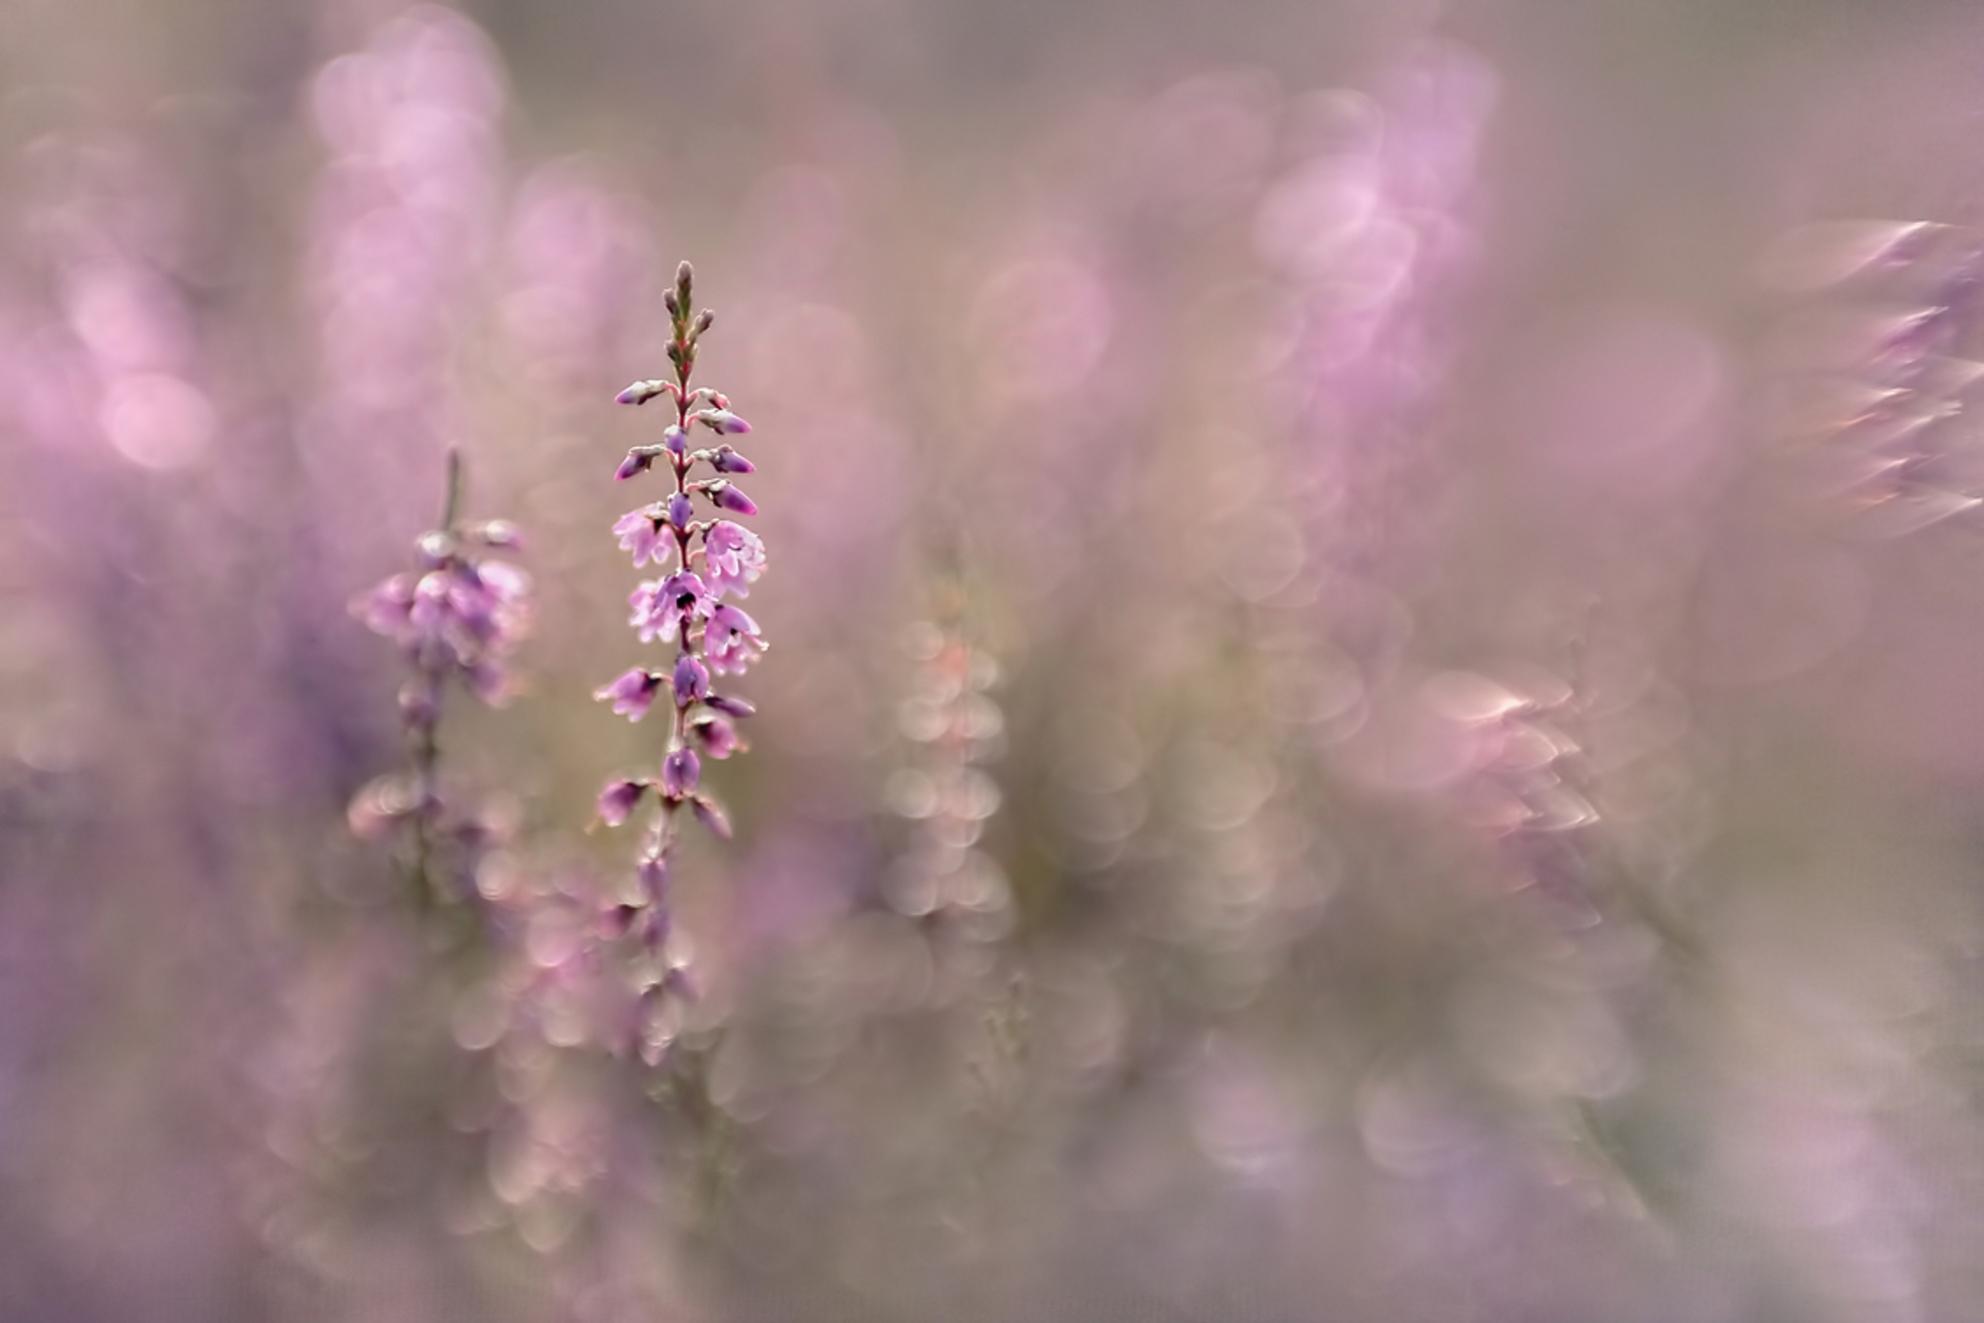 Heide - Tussen de heide gelegen met de Lensbaby Sweet 50 met macroconverters. Heerlijk om mee te spelen. - foto door NelTalen op 04-09-2016 - deze foto bevat: roze, macro, bloem, licht, bokeh - Deze foto mag gebruikt worden in een Zoom.nl publicatie